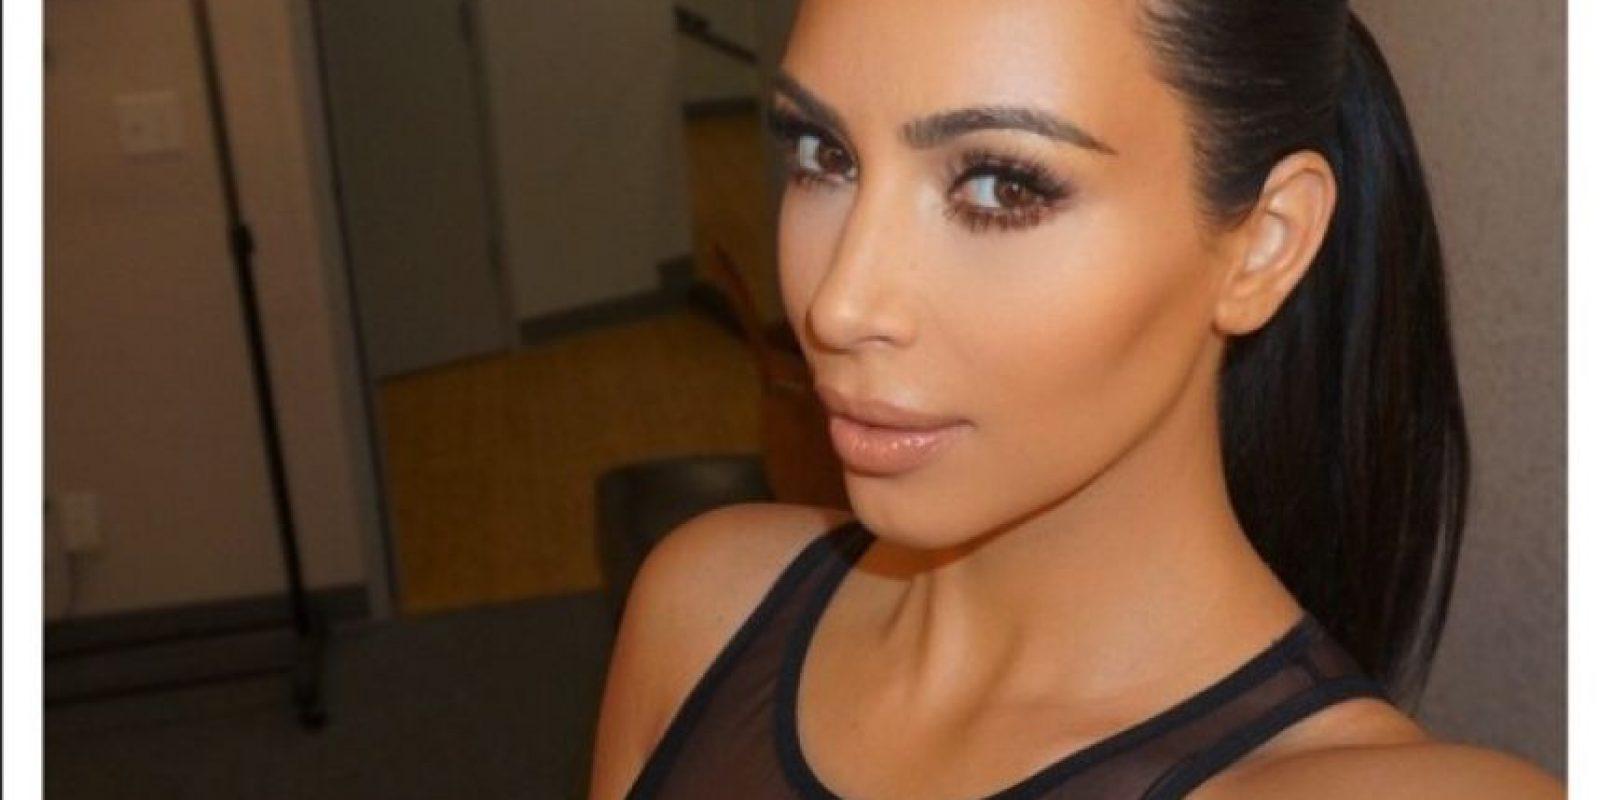 Kim aprovecha su cuenta en Instagram para compartir sus selfies Foto:Vía Instagram.com/kimkardashian